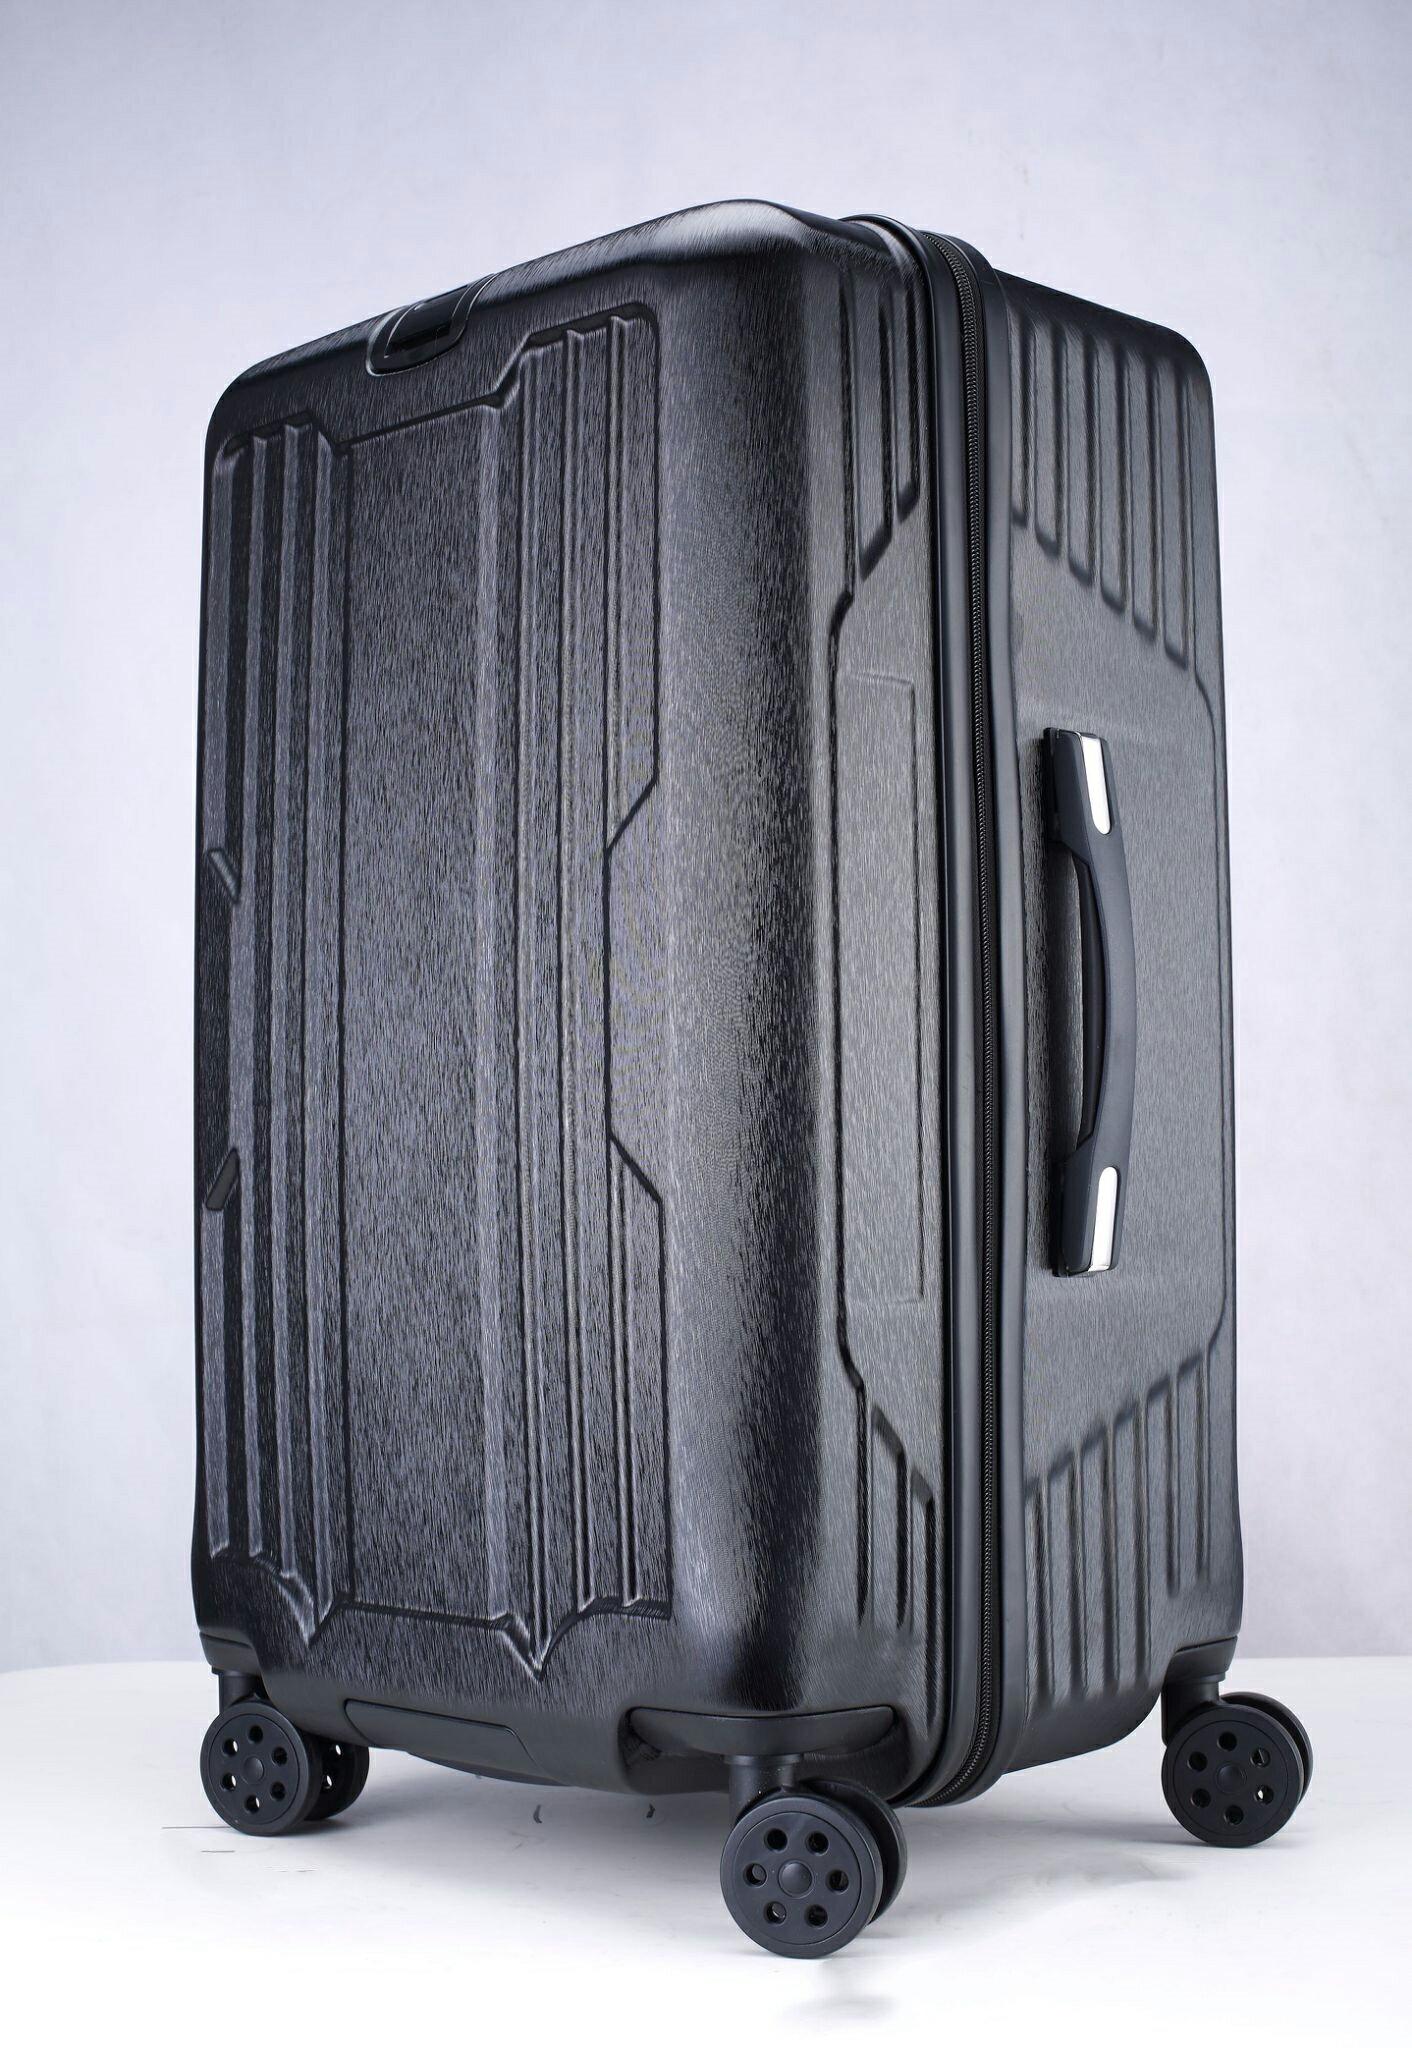 運動款 拉鍊 胖胖箱 旅行箱 20吋25吋29吋 行李箱 -鐵灰色 / 深紫色 / 玫瑰金-現貨當日出貨-免運台南可預約自取 4